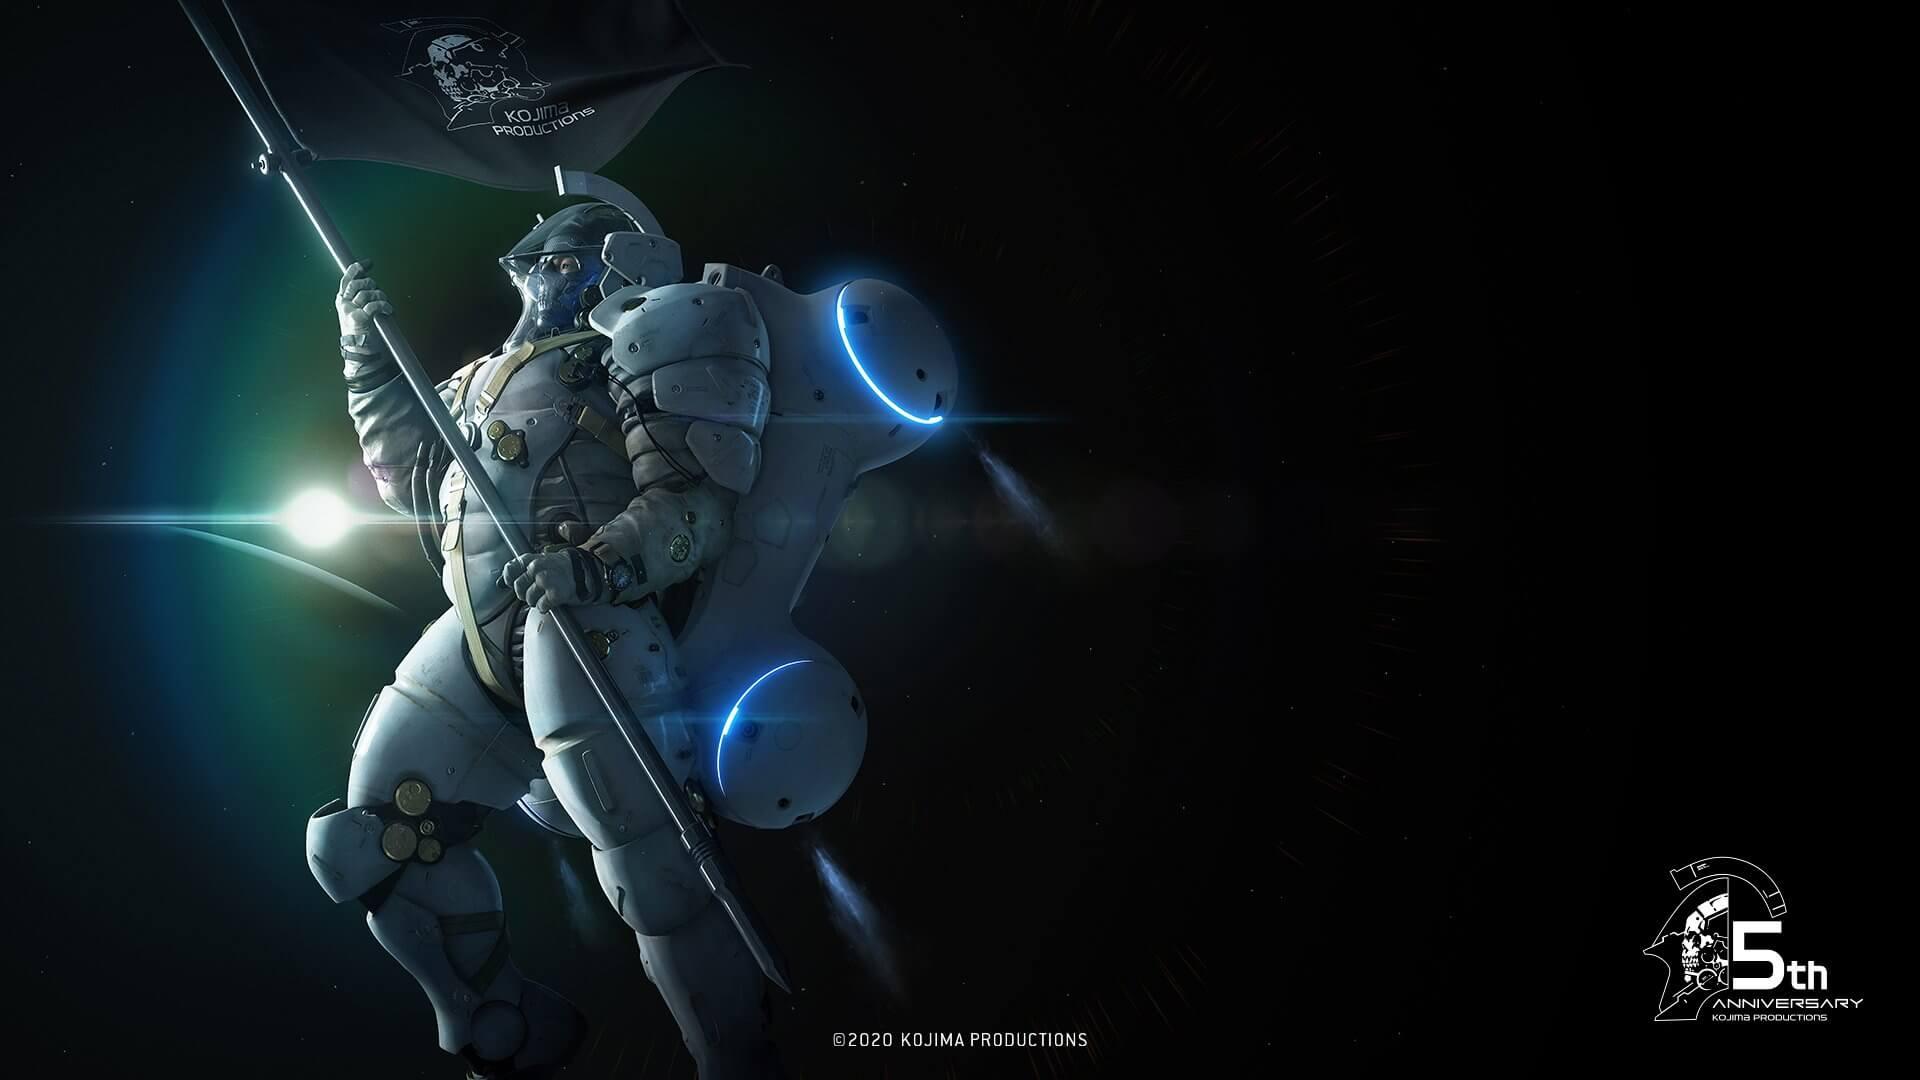 Kojima Productions publica vacantes de trabajo para un juego no anunciado